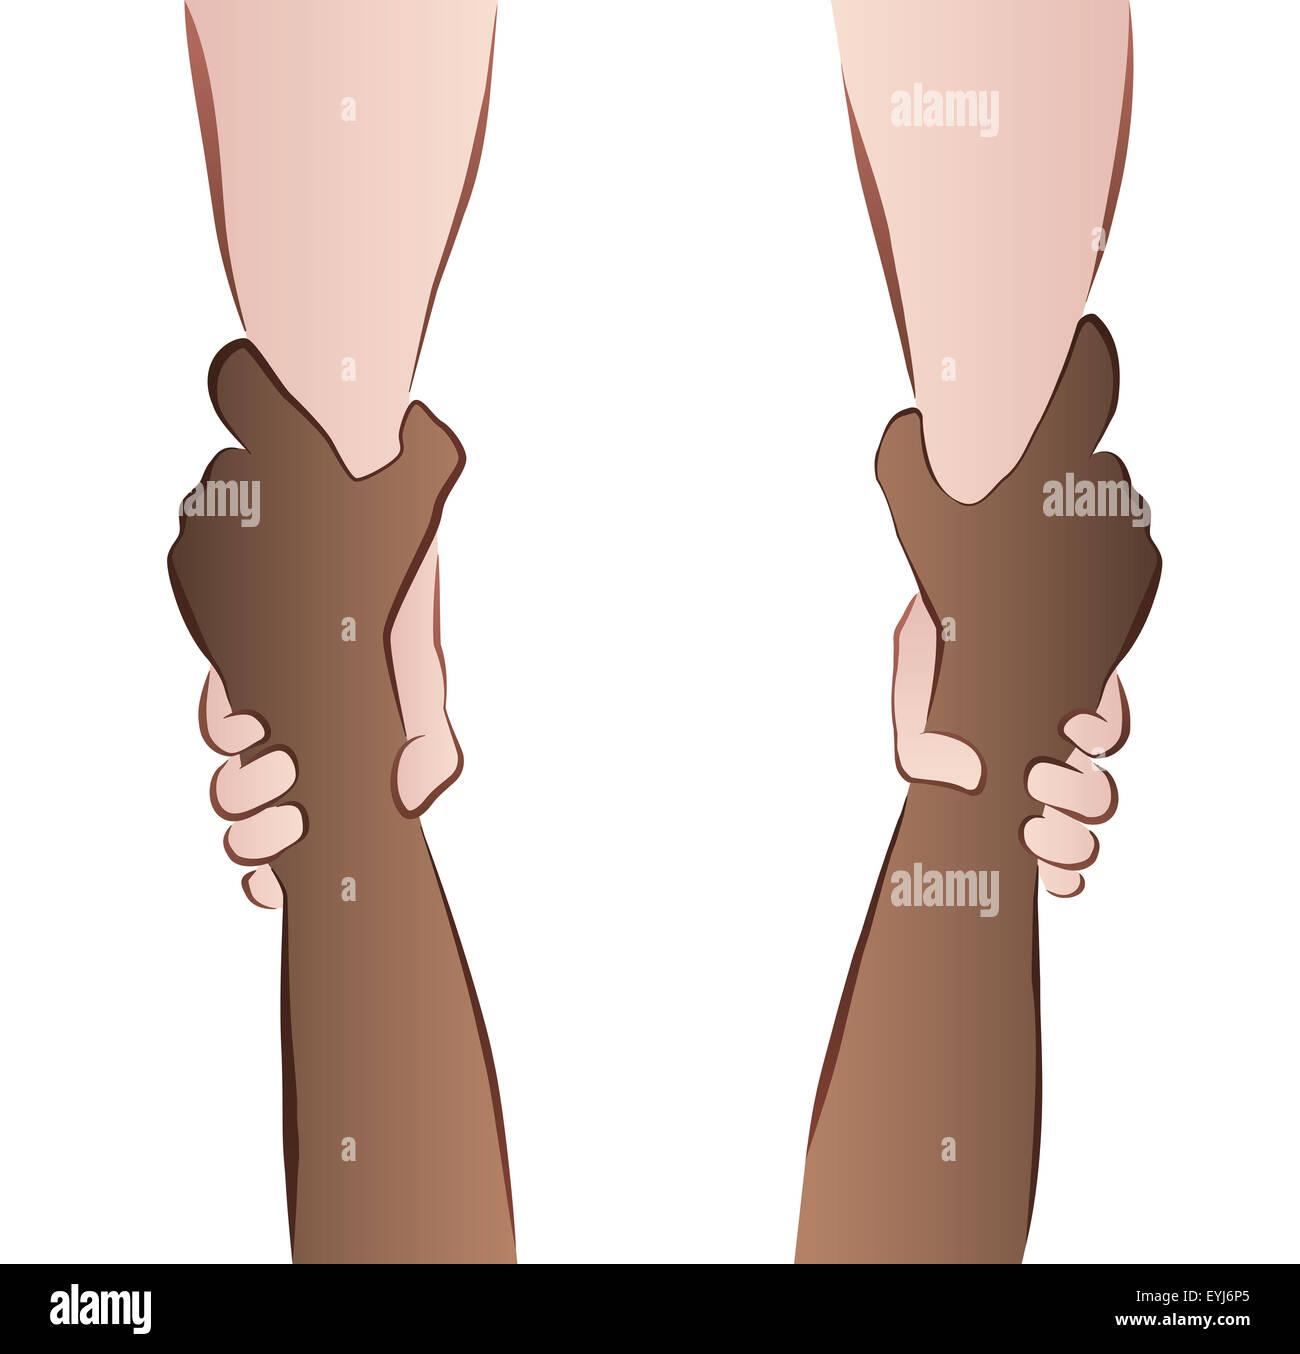 Interracial Zusammenarbeit - Speichern von Hände - Rettung Griff. Abbildung auf weißem Hintergrund. Stockbild